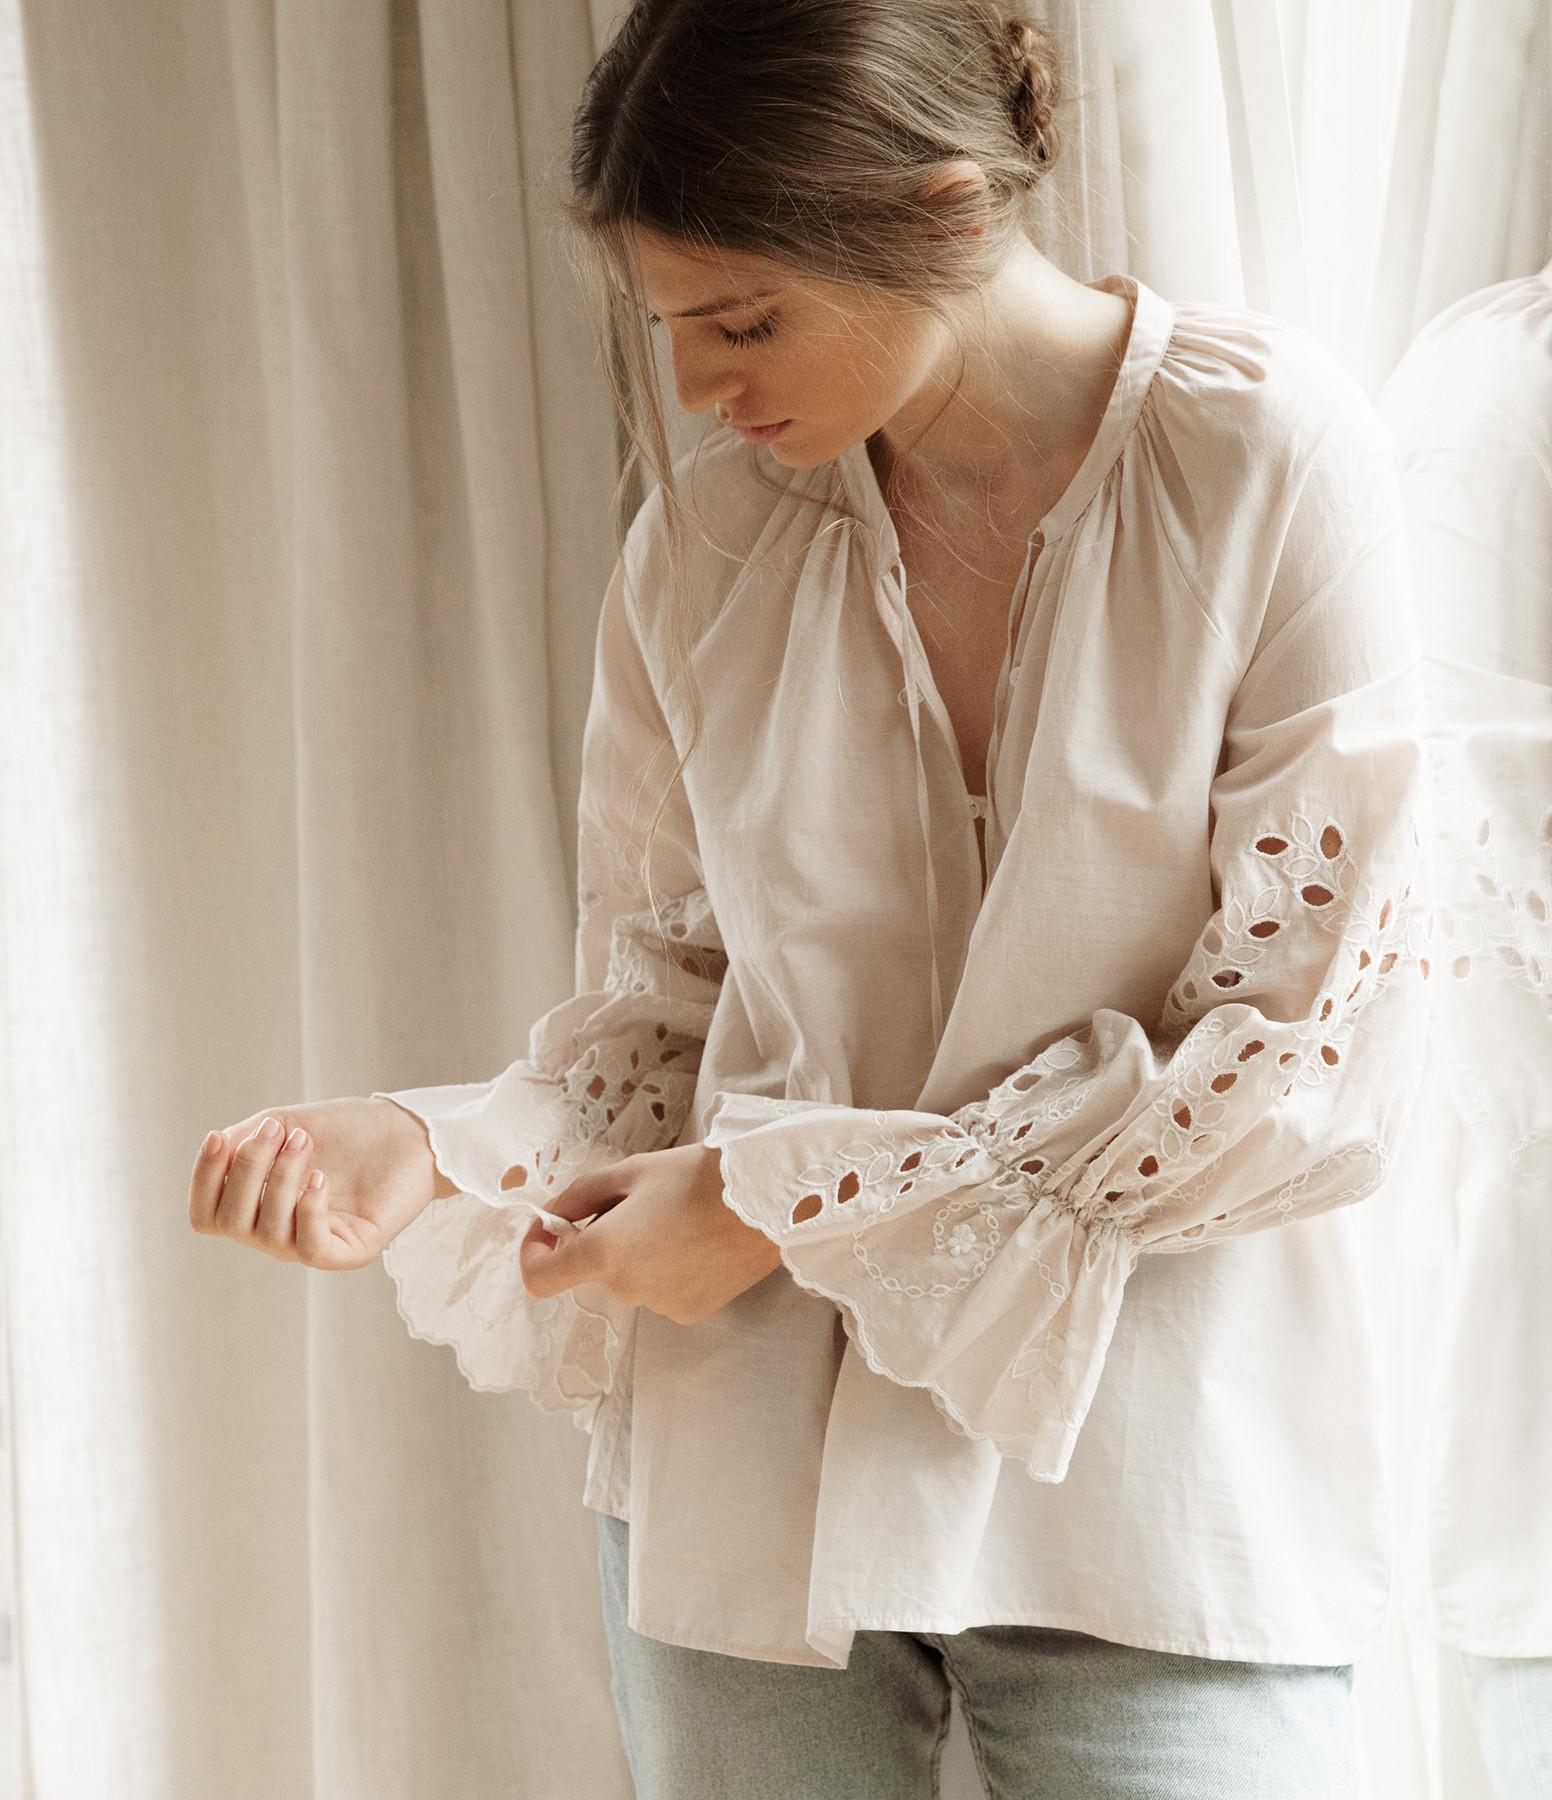 HANA SAN - Blouse Nori Coton Blanc